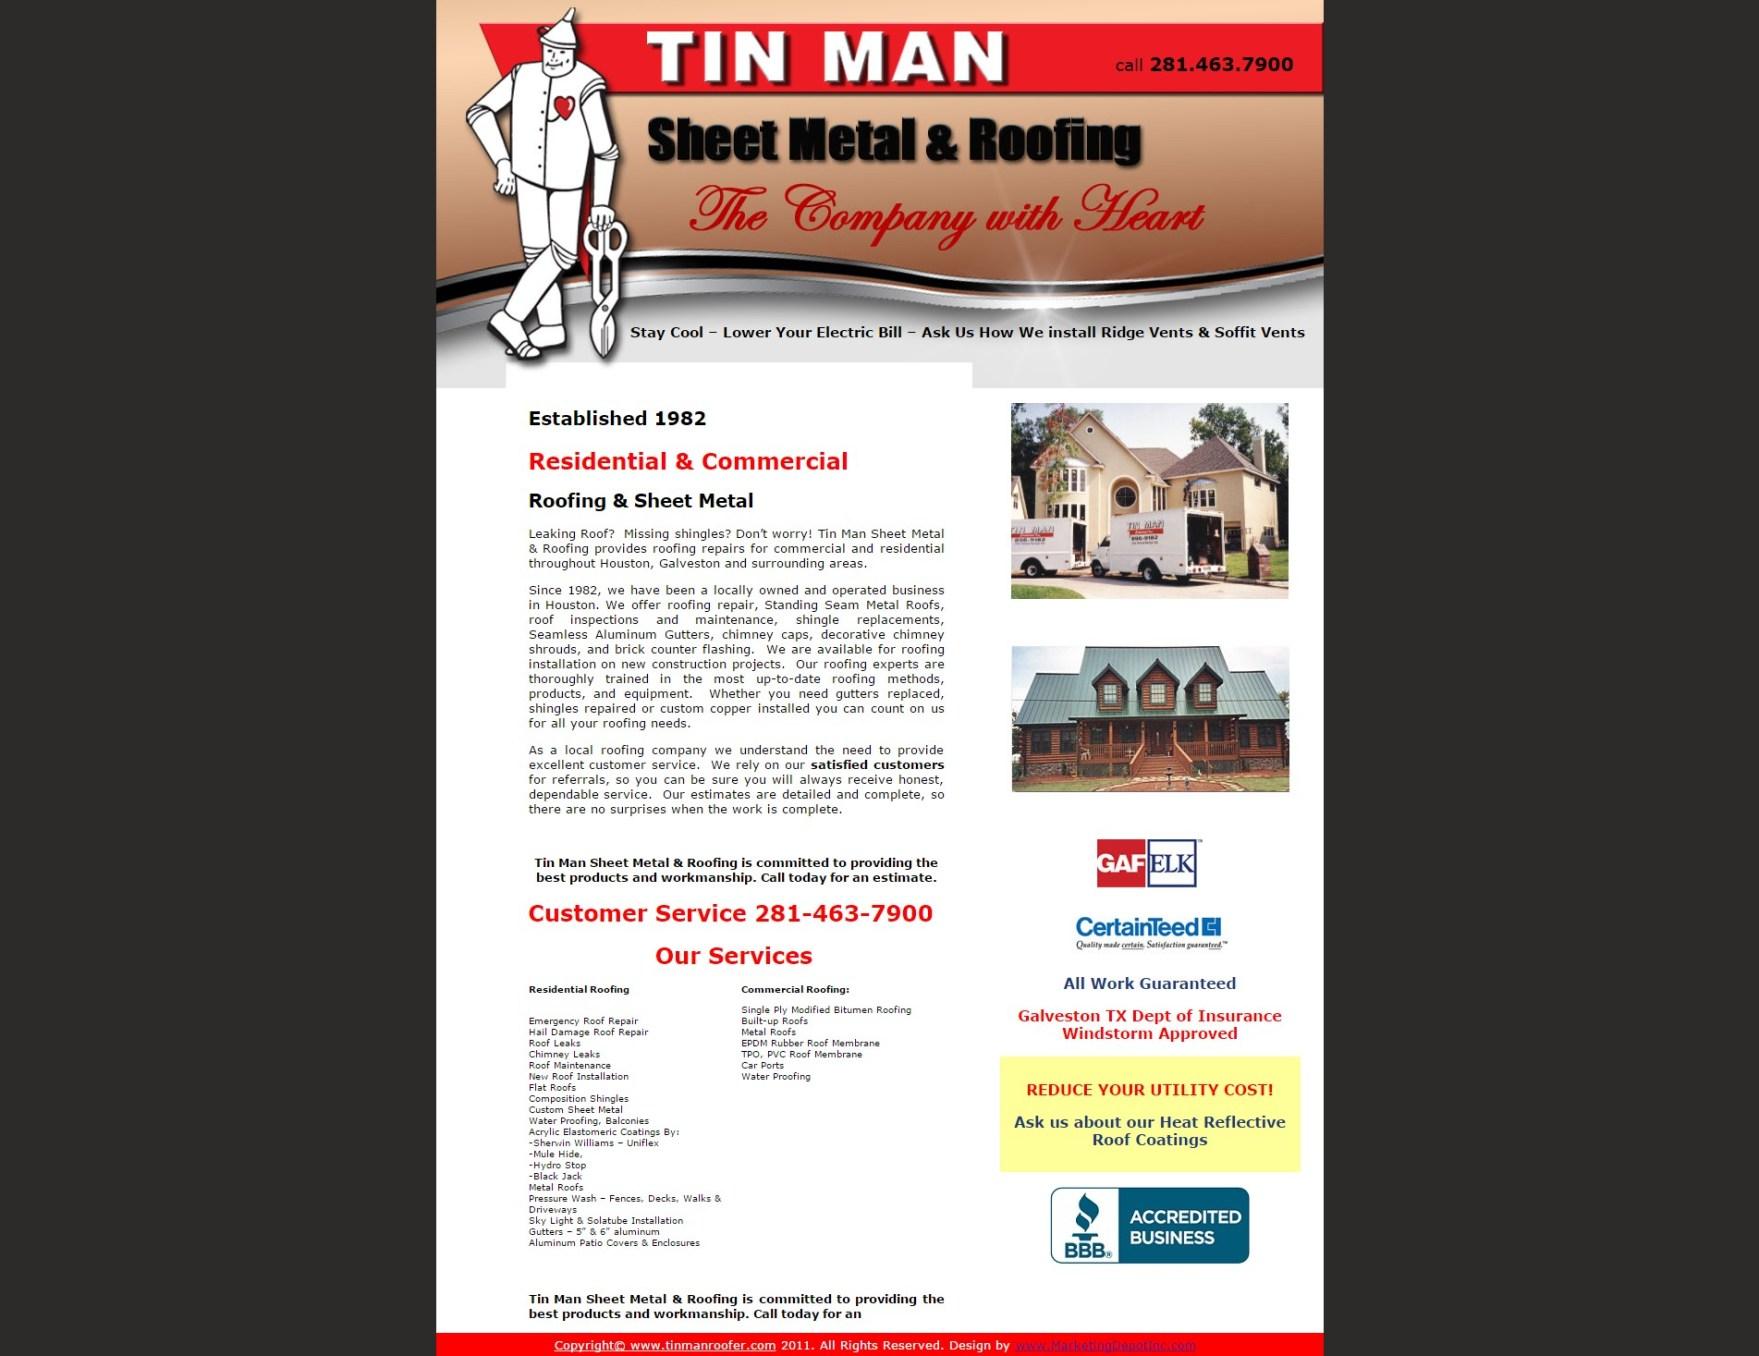 tin man sheet metal roofing metonymy marketing strategies